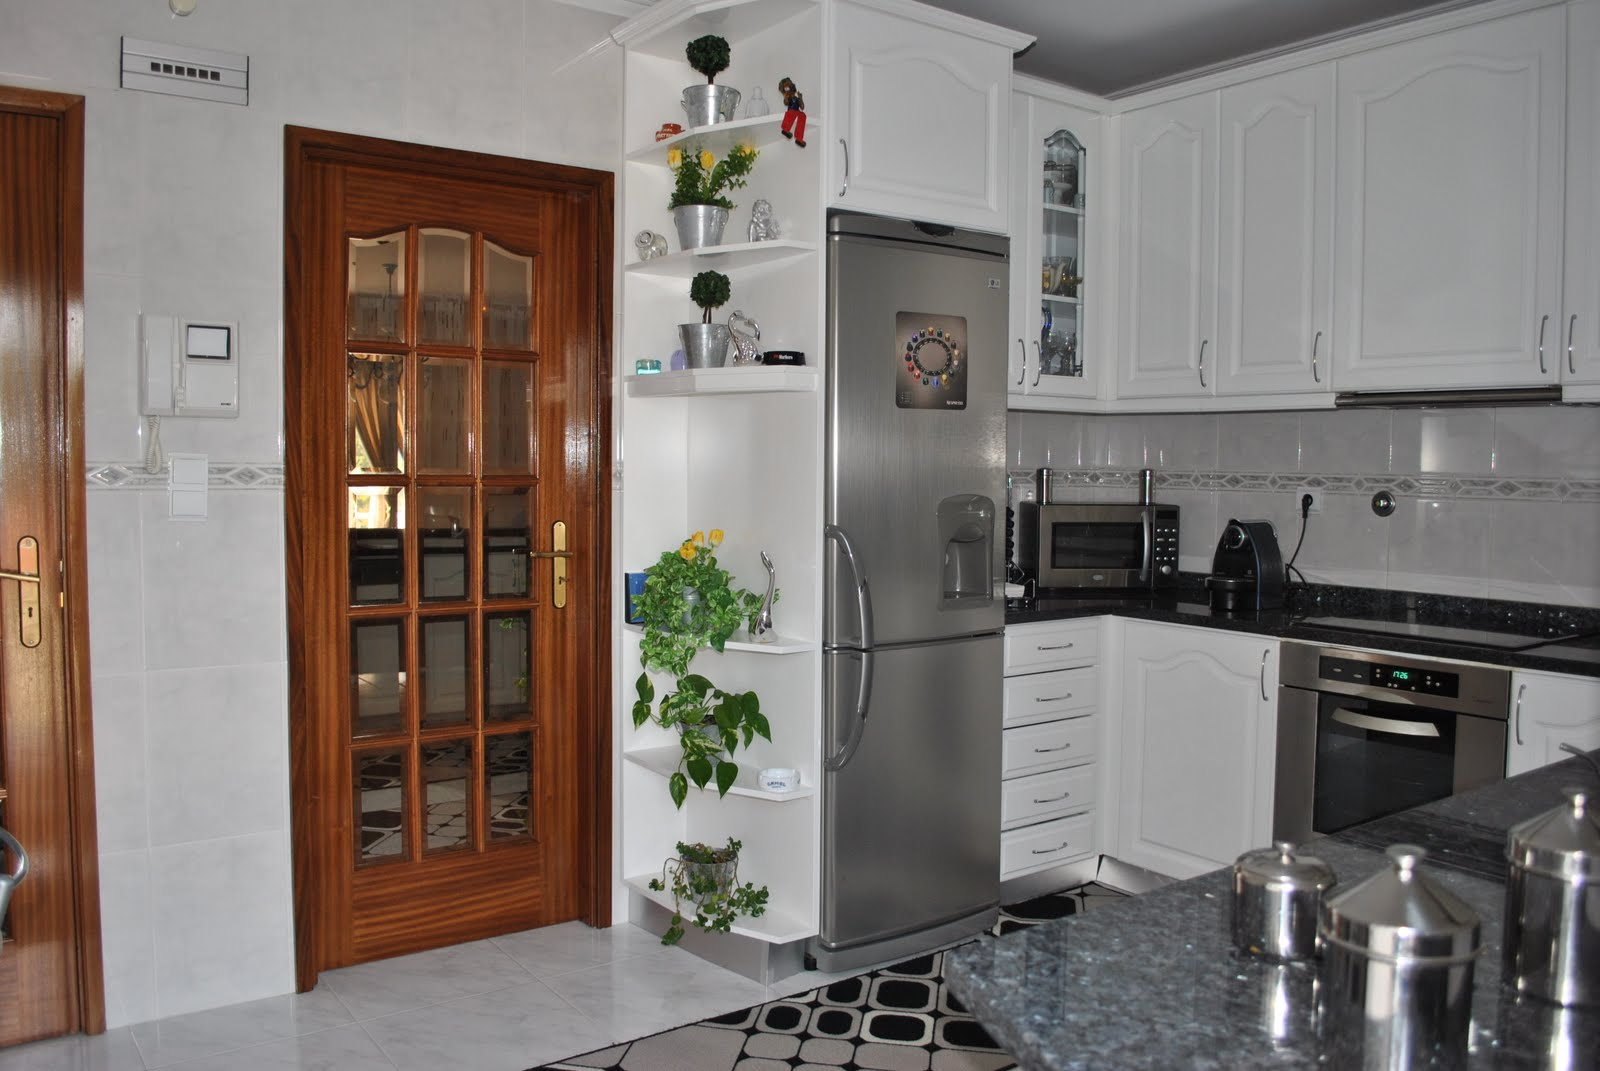 #693C24 cozinha com dispensa %C3%A0 esq da foto.JPG 1600x1071 px Projetos De Cozinhas Com Dispensa #457 imagens